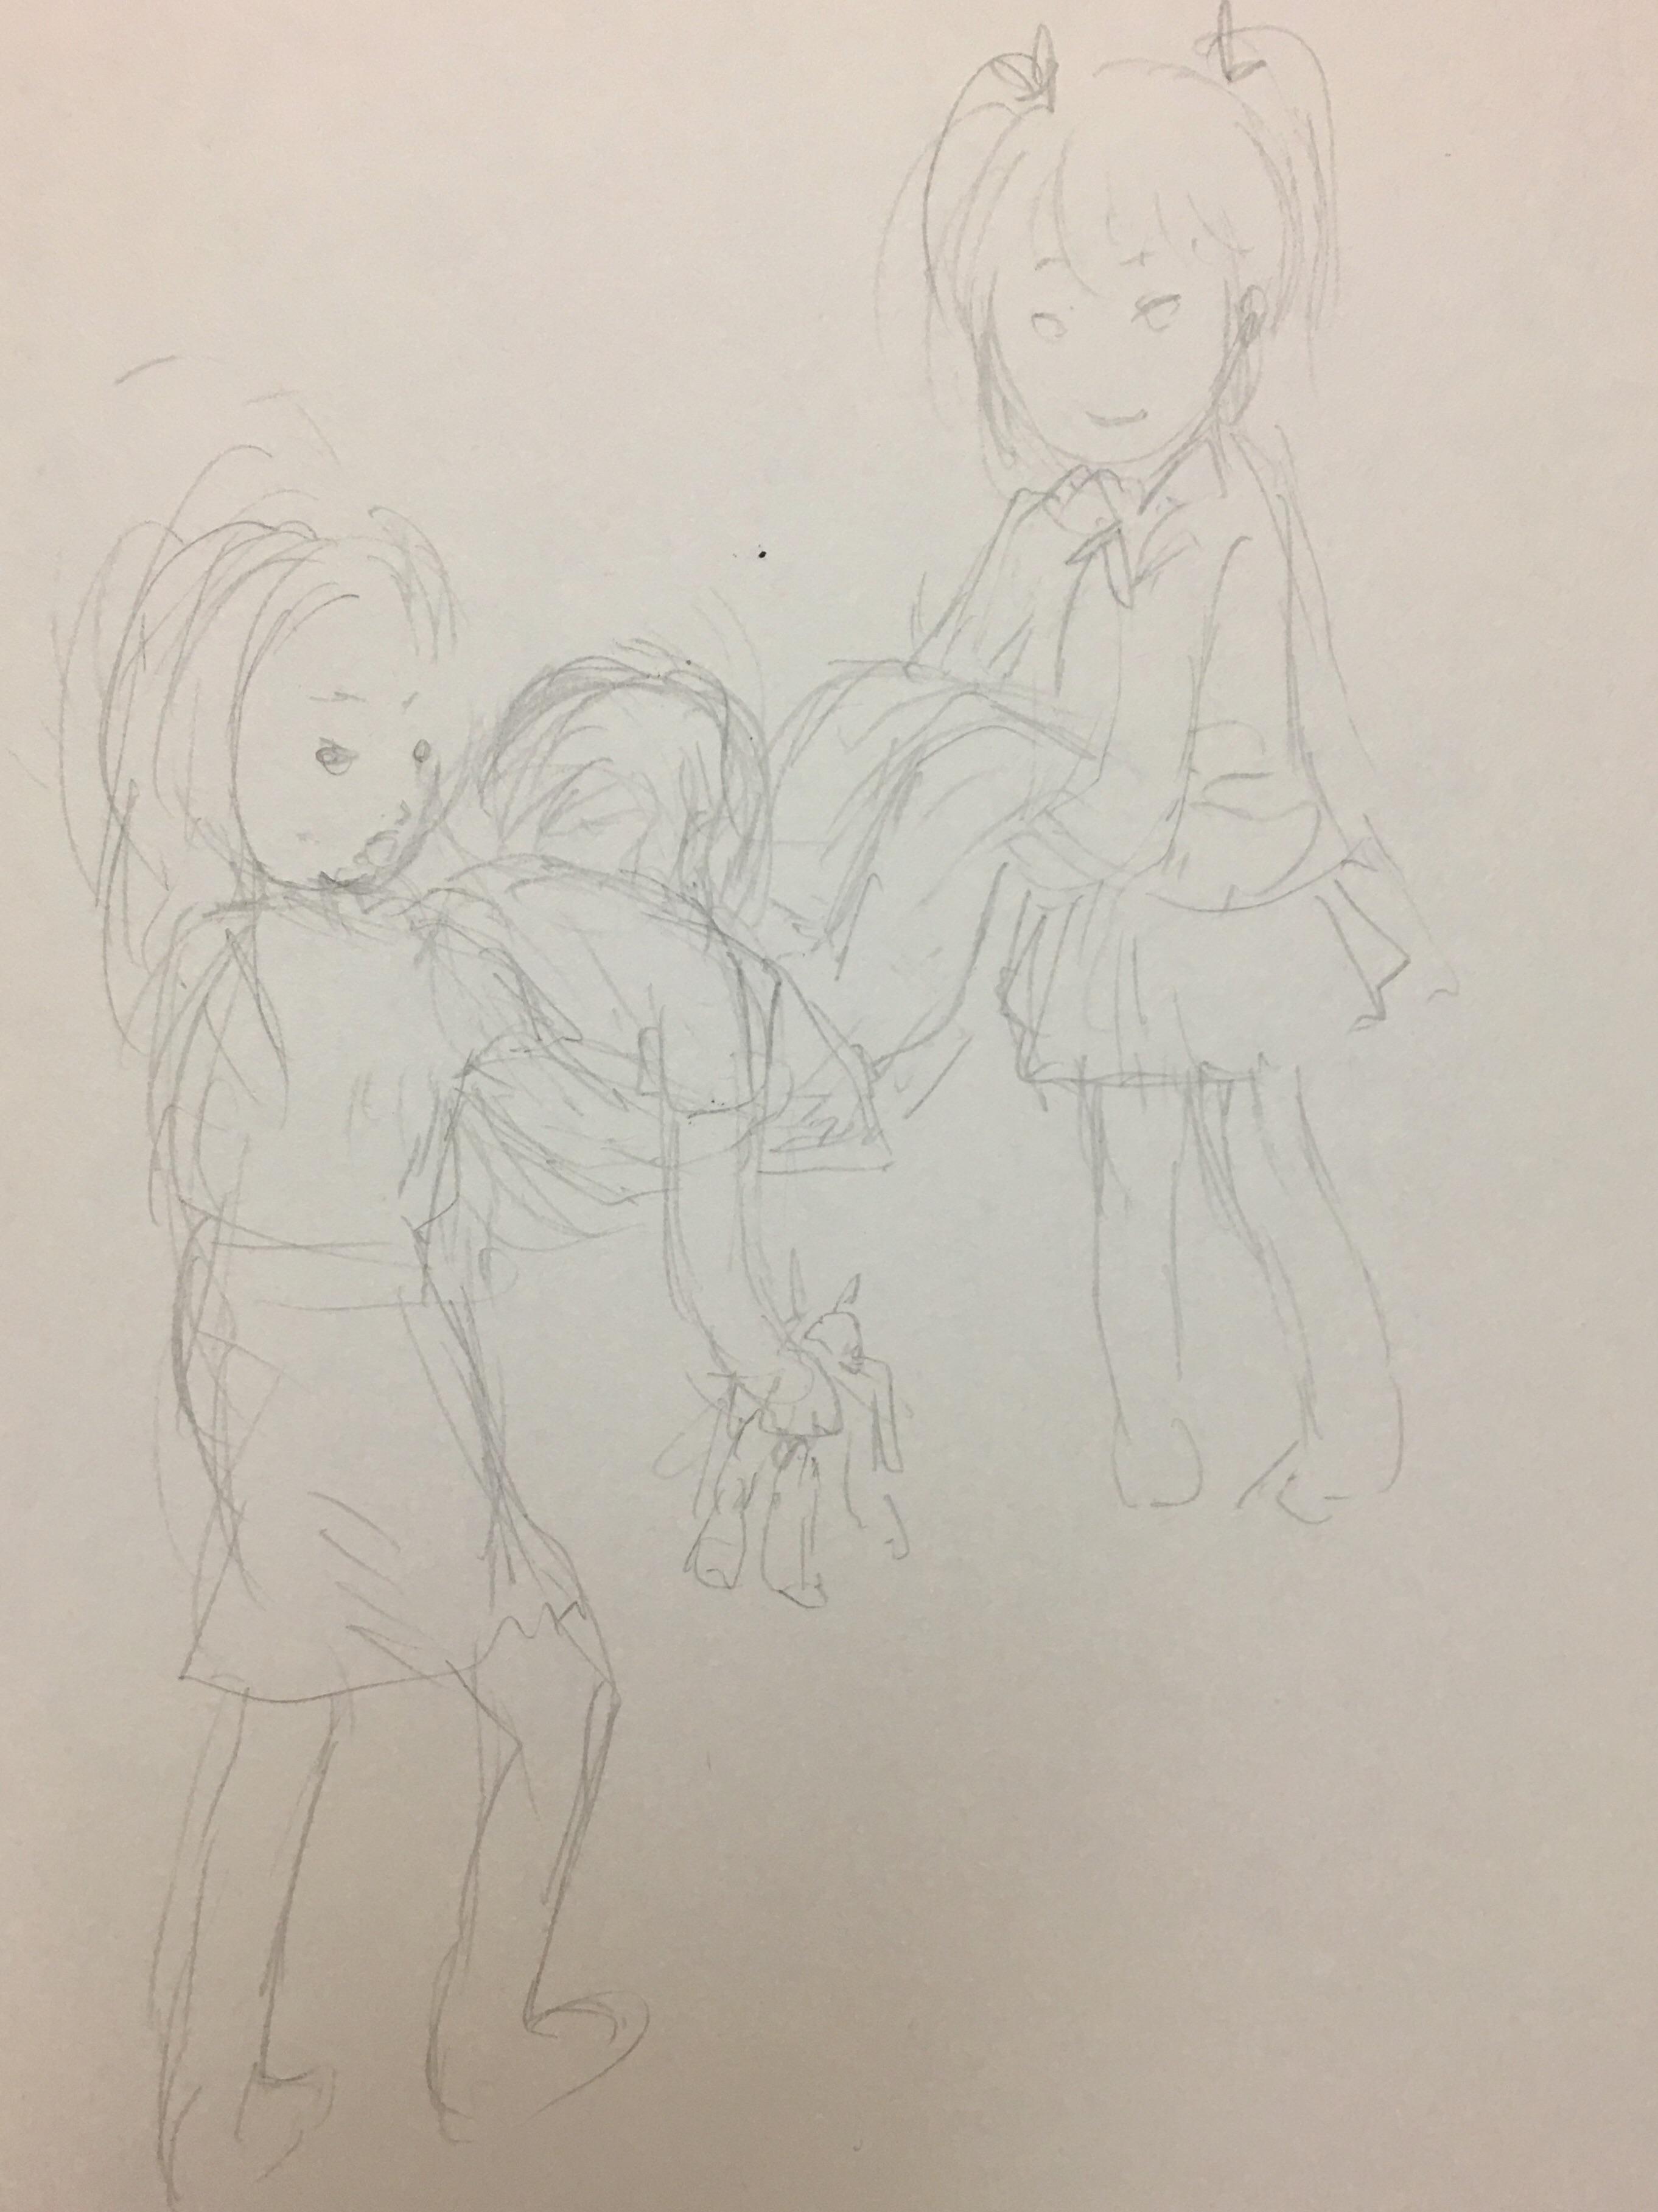 f:id:kaminashiko:20180625002121j:plain